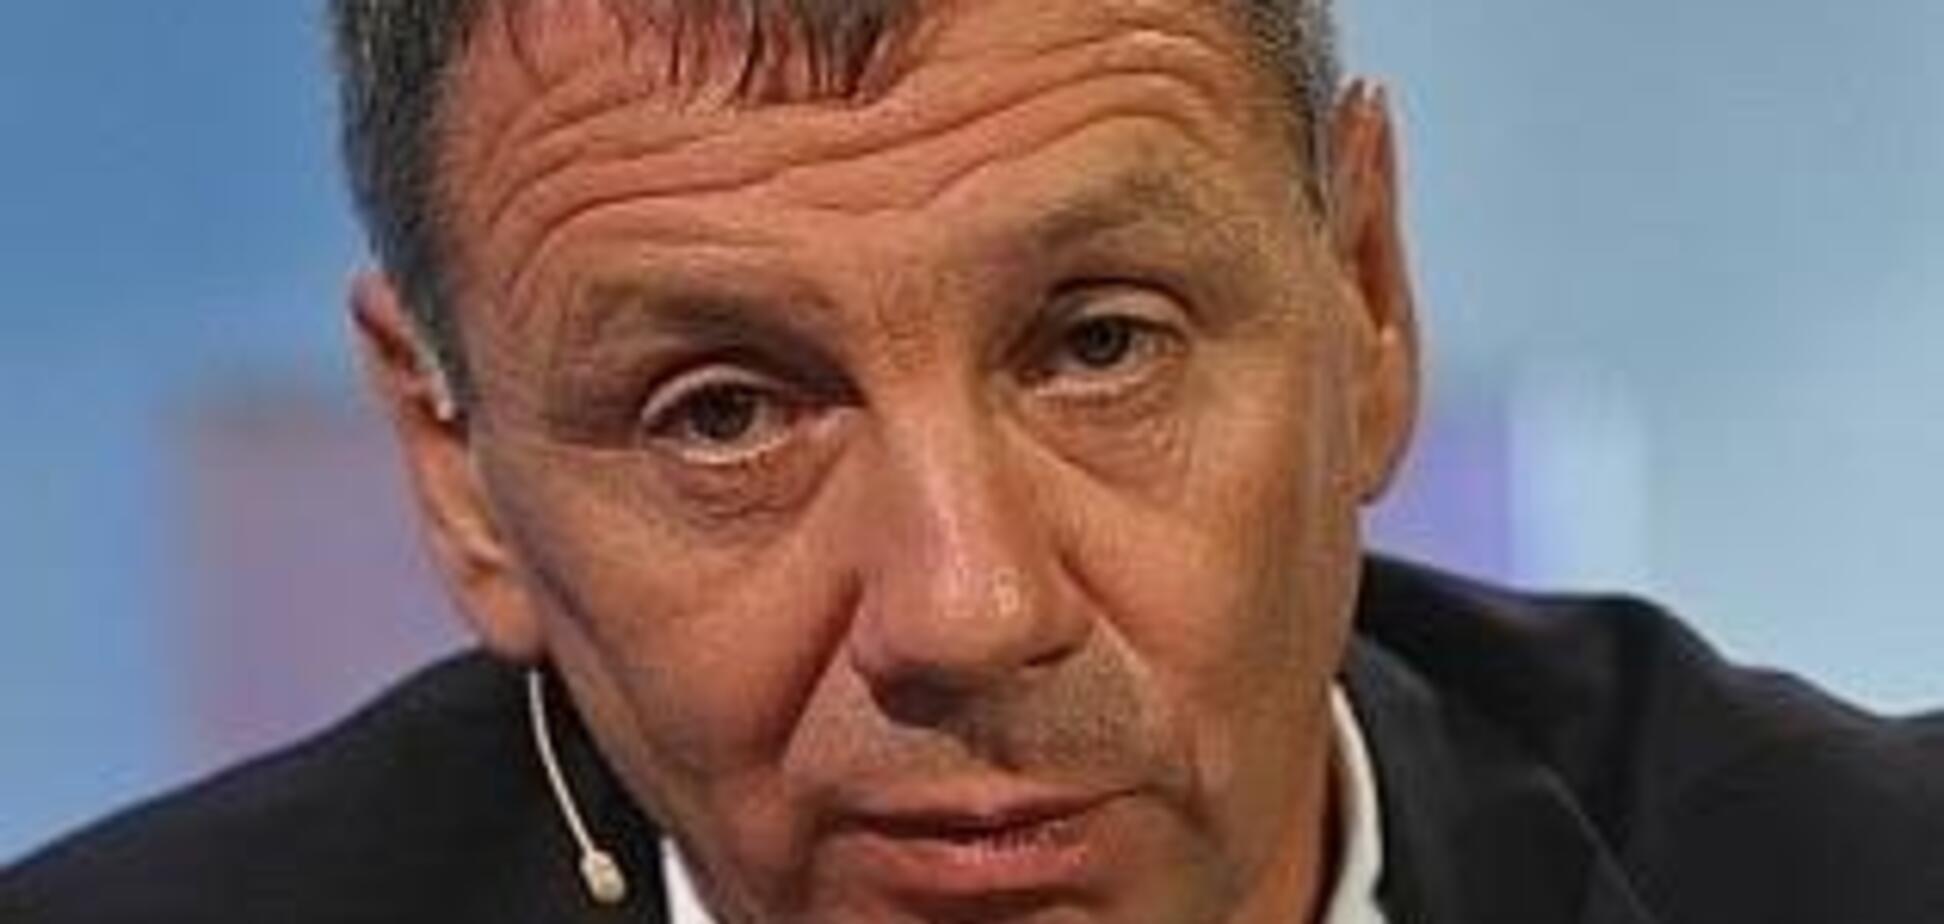 'Київ чекає нового звільнення': людина Путіна націлилася на Україну